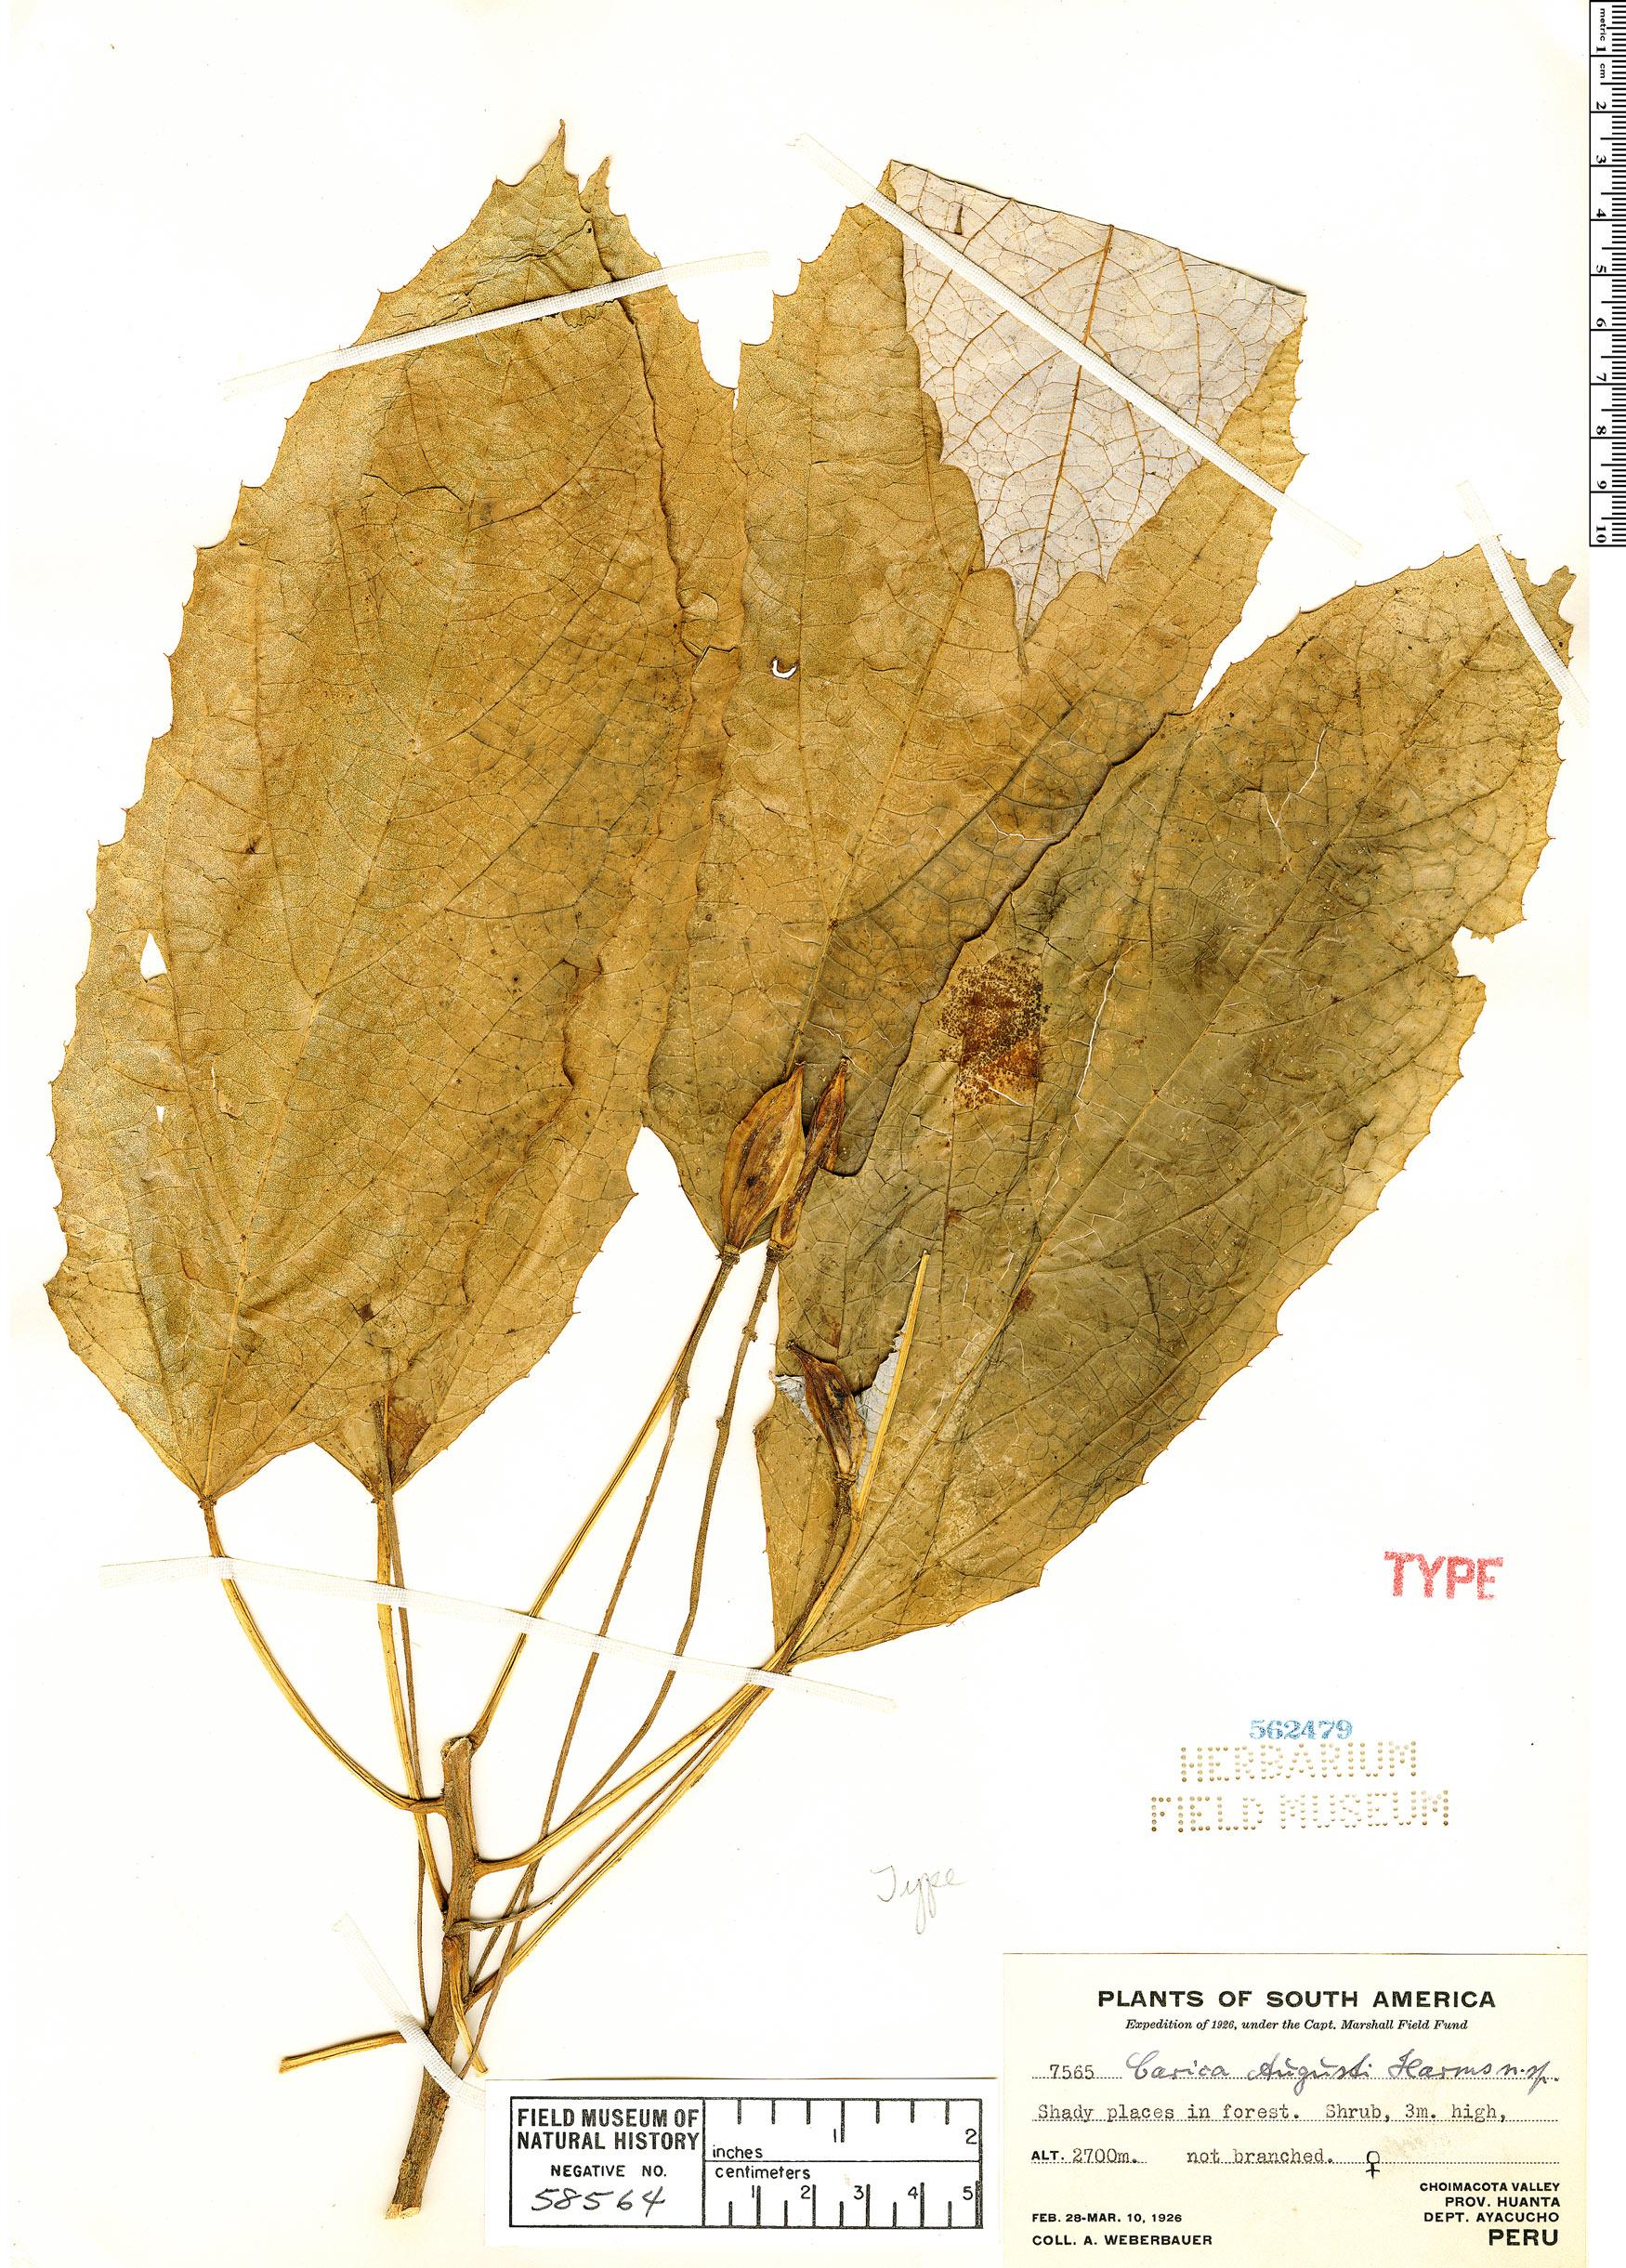 Specimen: Vasconcellea quercifolia